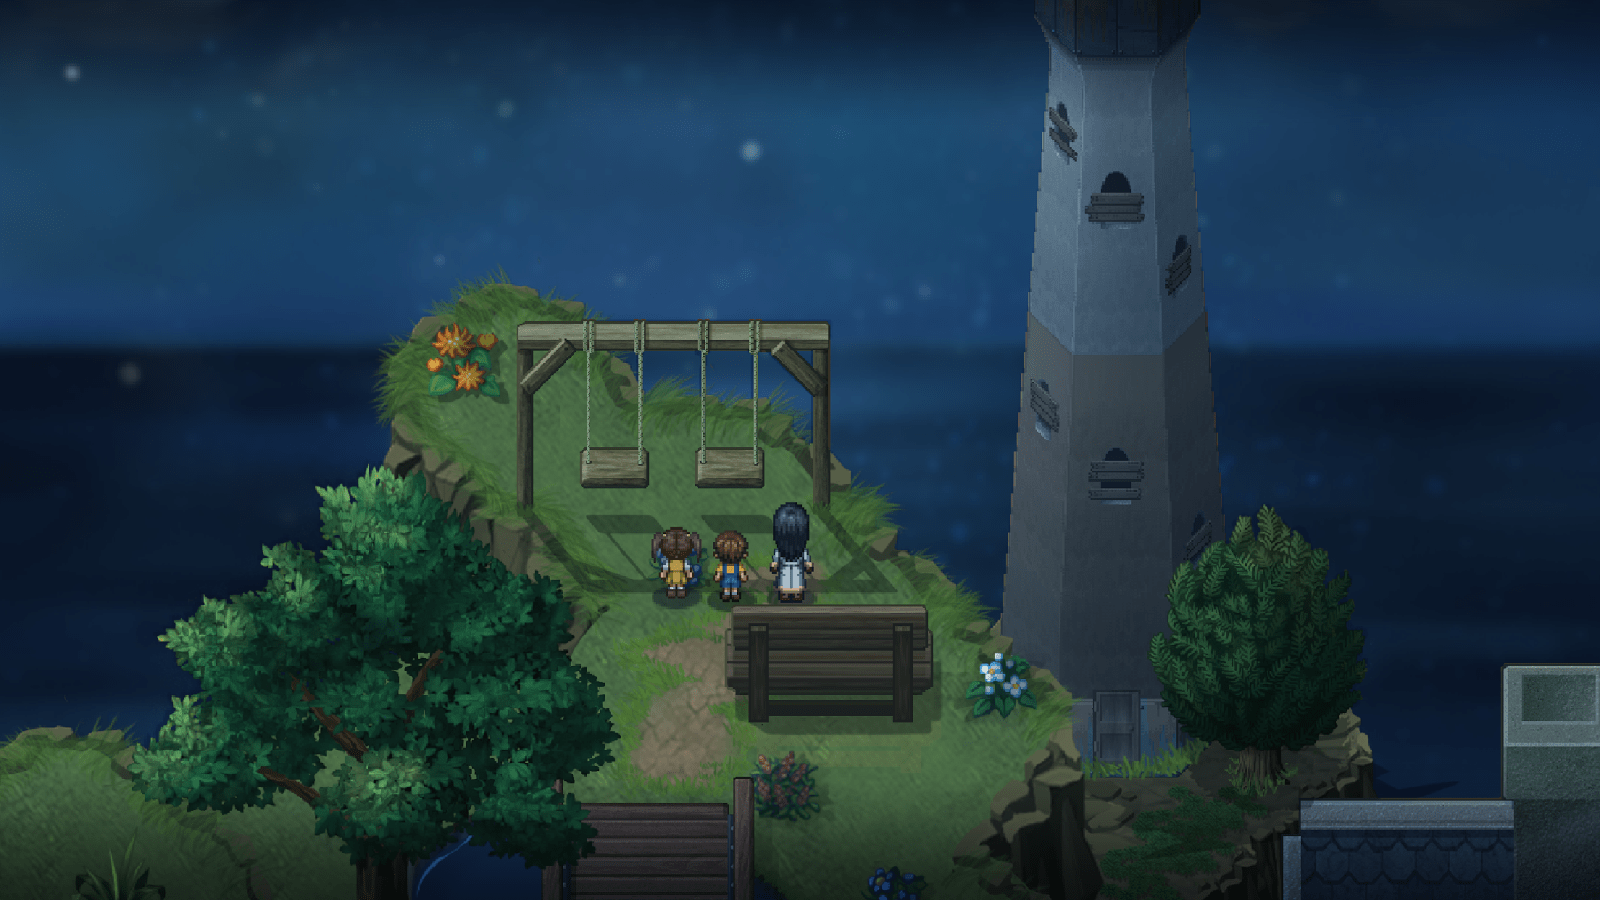 Инди-игру To the Moon экранизируют в виде полнометражного анимационного фильма